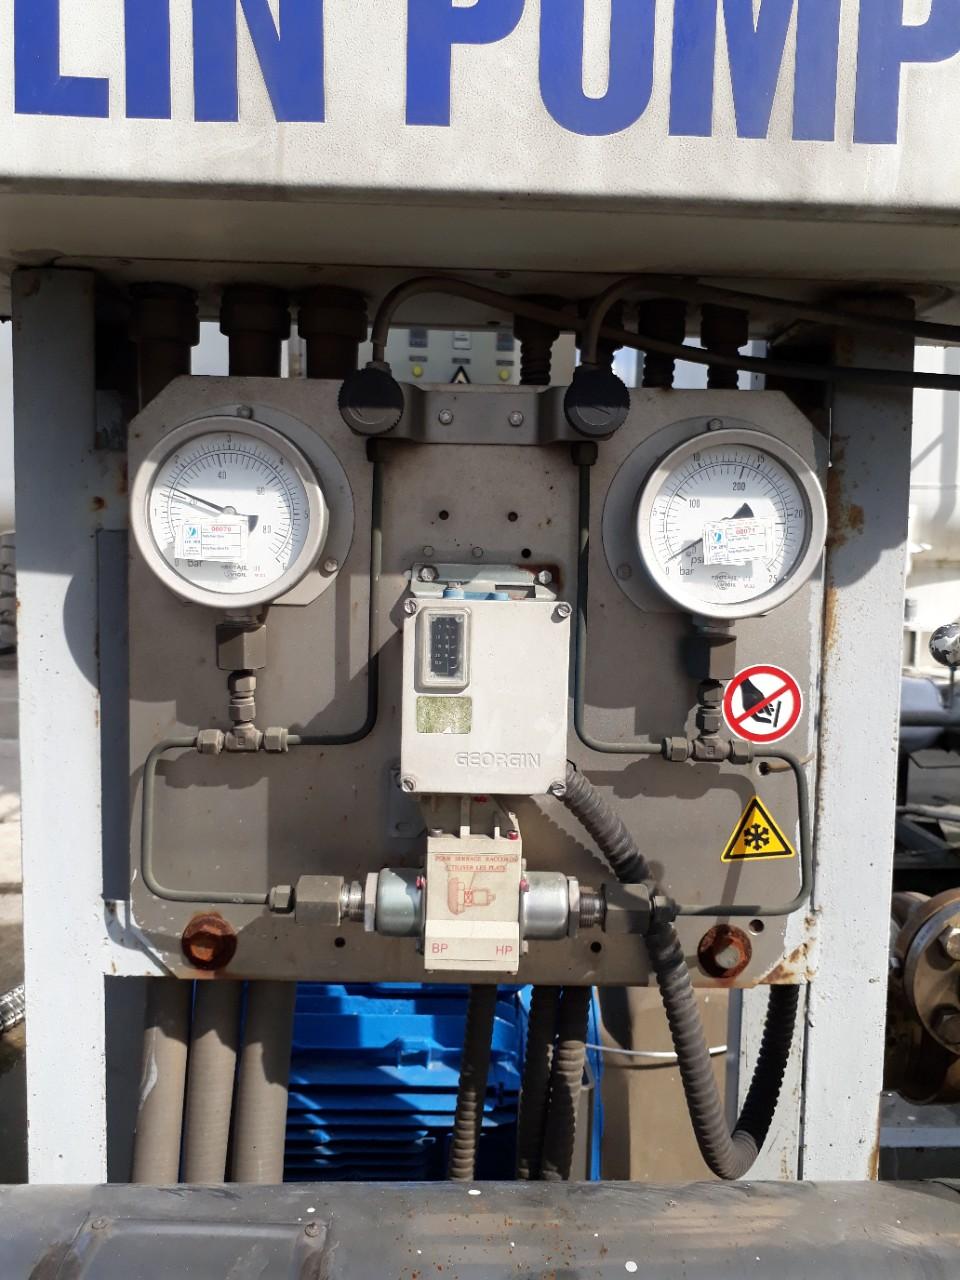 công tắc chênh áp chống cháy nổ ATEX